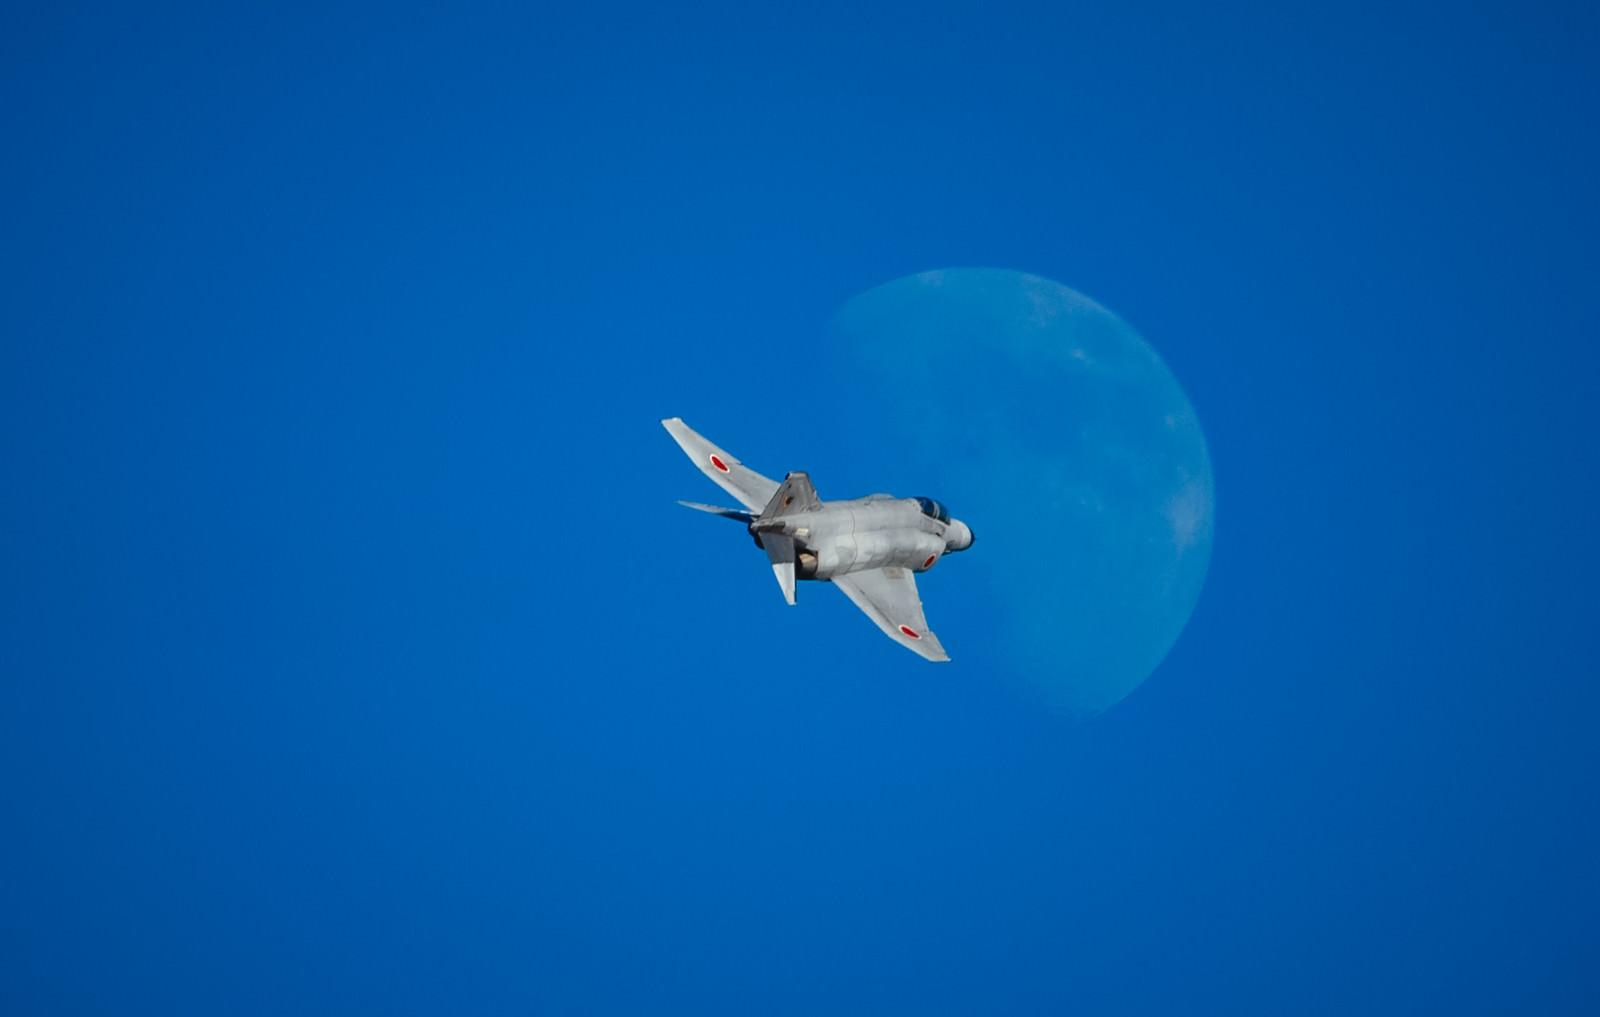 「月に向かって飛行するF-4戦闘機」の写真